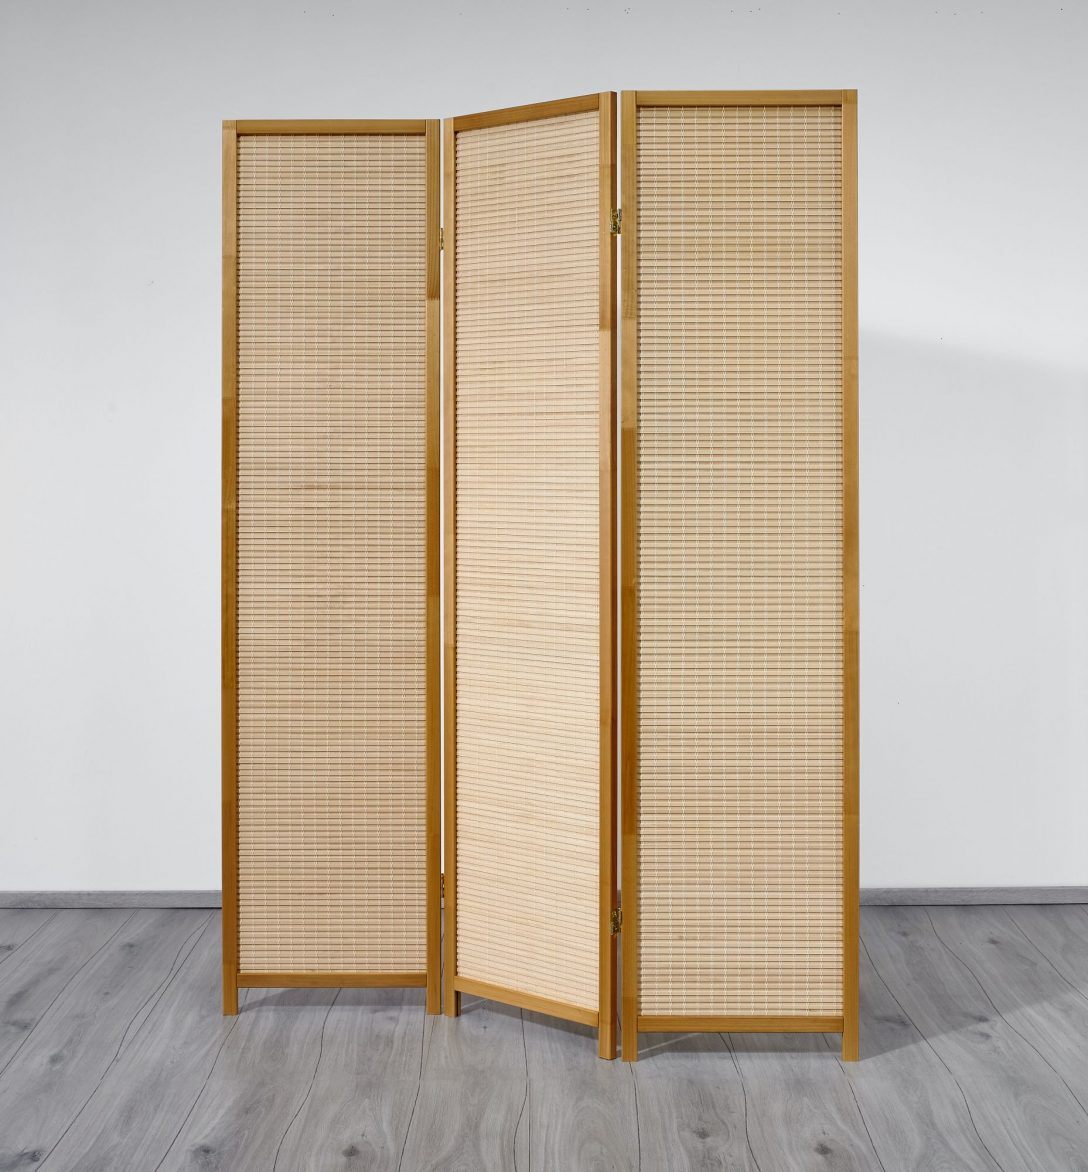 Full Size of Paravent Garten Bambus Standfest Obi Ikea Hornbach Holz Toom Sichtschutz Wpc Fenster Für Sichtschutzfolien Sichtschutzfolie Einseitig Durchsichtig Hochbeet Im Wohnzimmer Hochbeet Sichtschutz